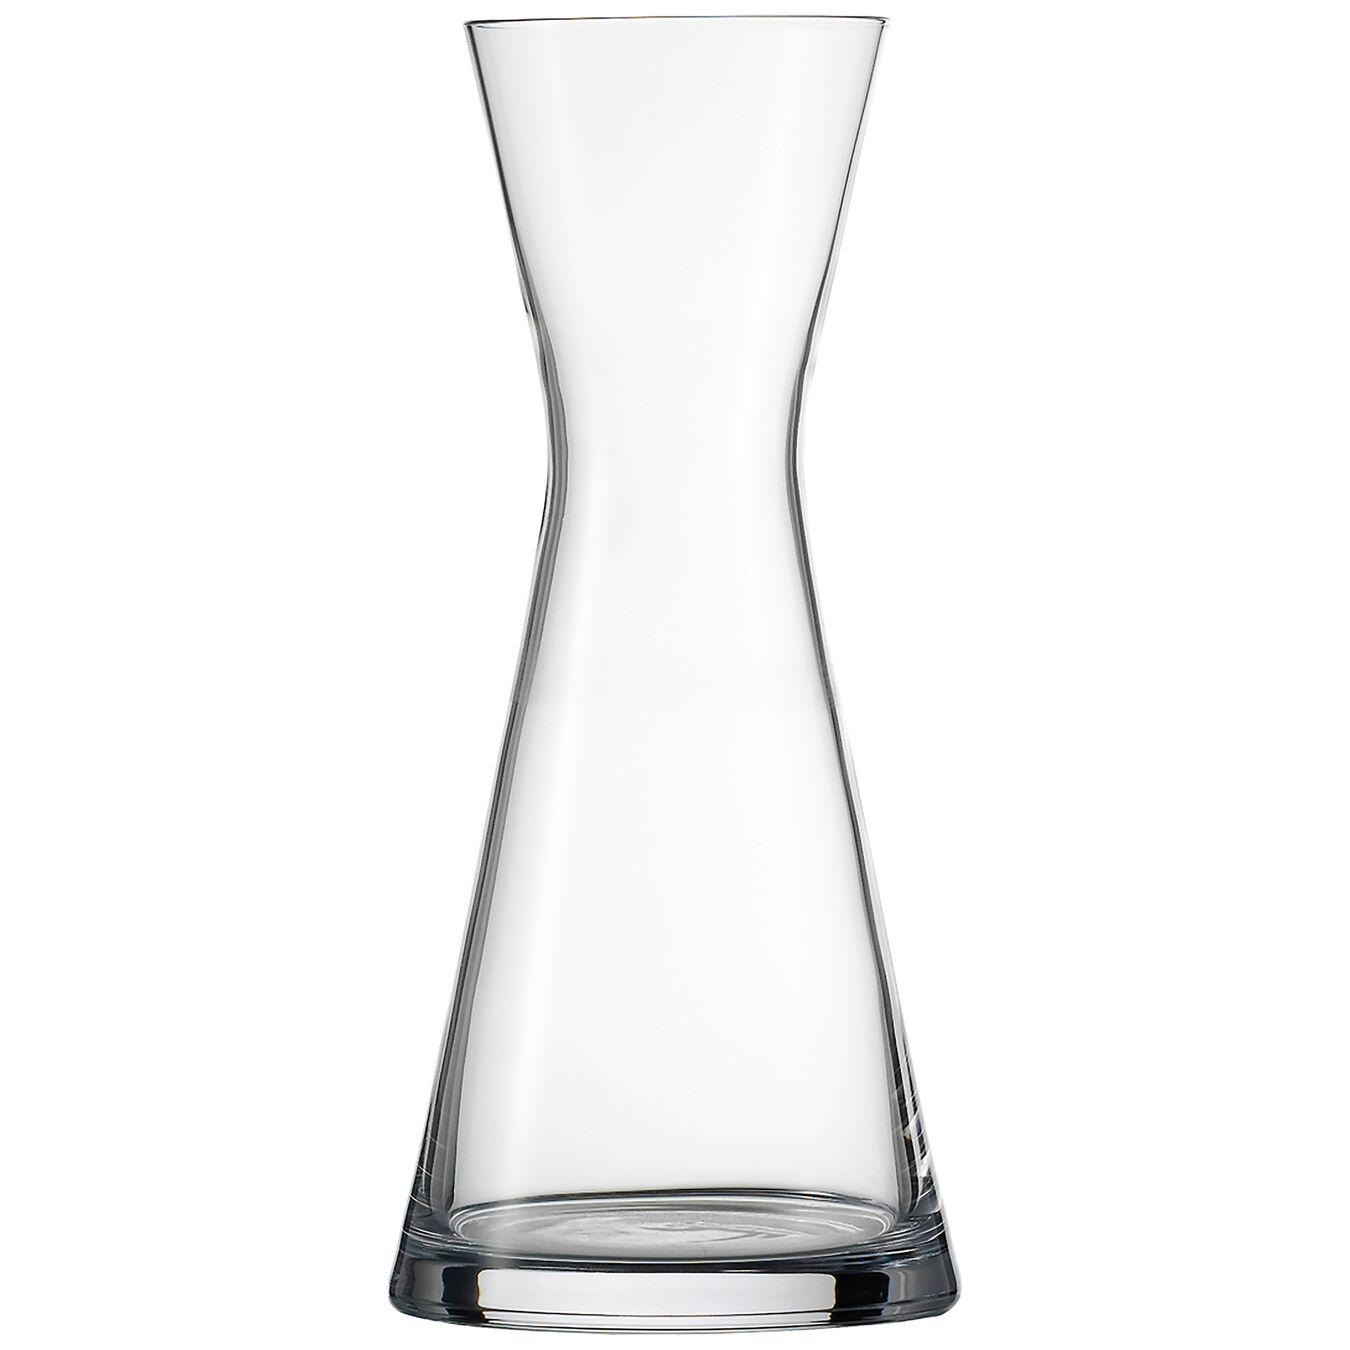 Jarra 500 ml, Vidro,,large 1